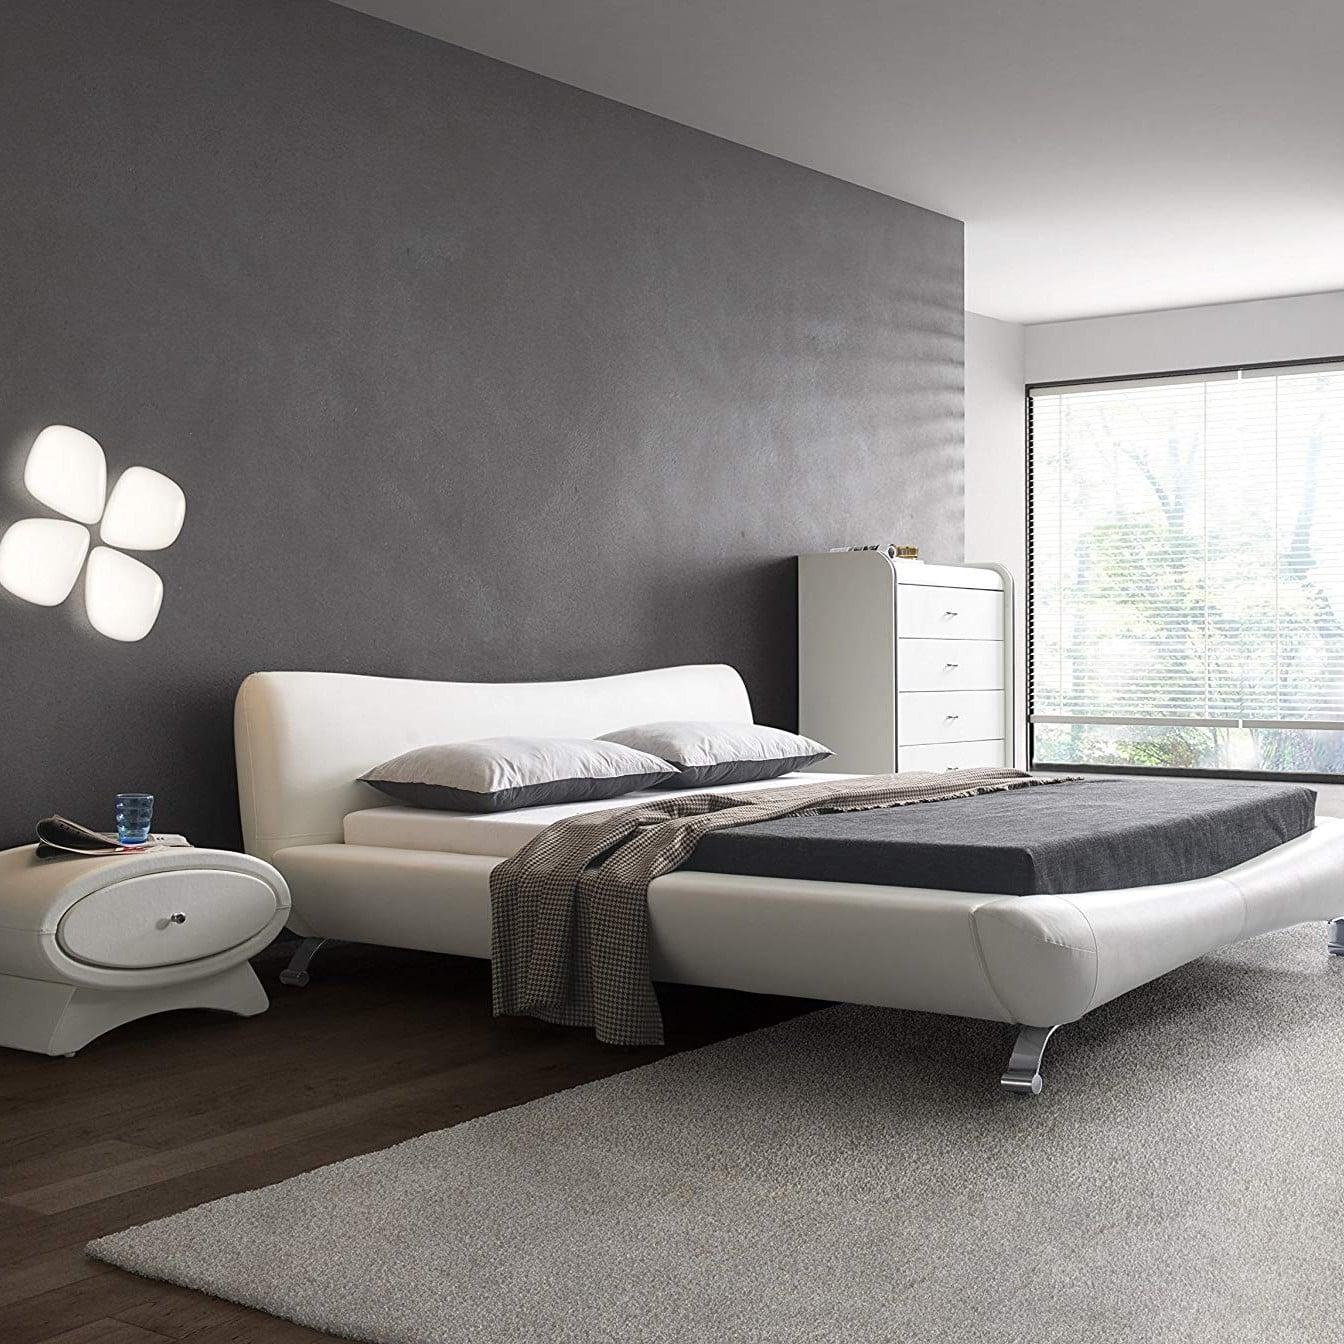 Best Modern Furniture From Amazon | POPSUGAR Home